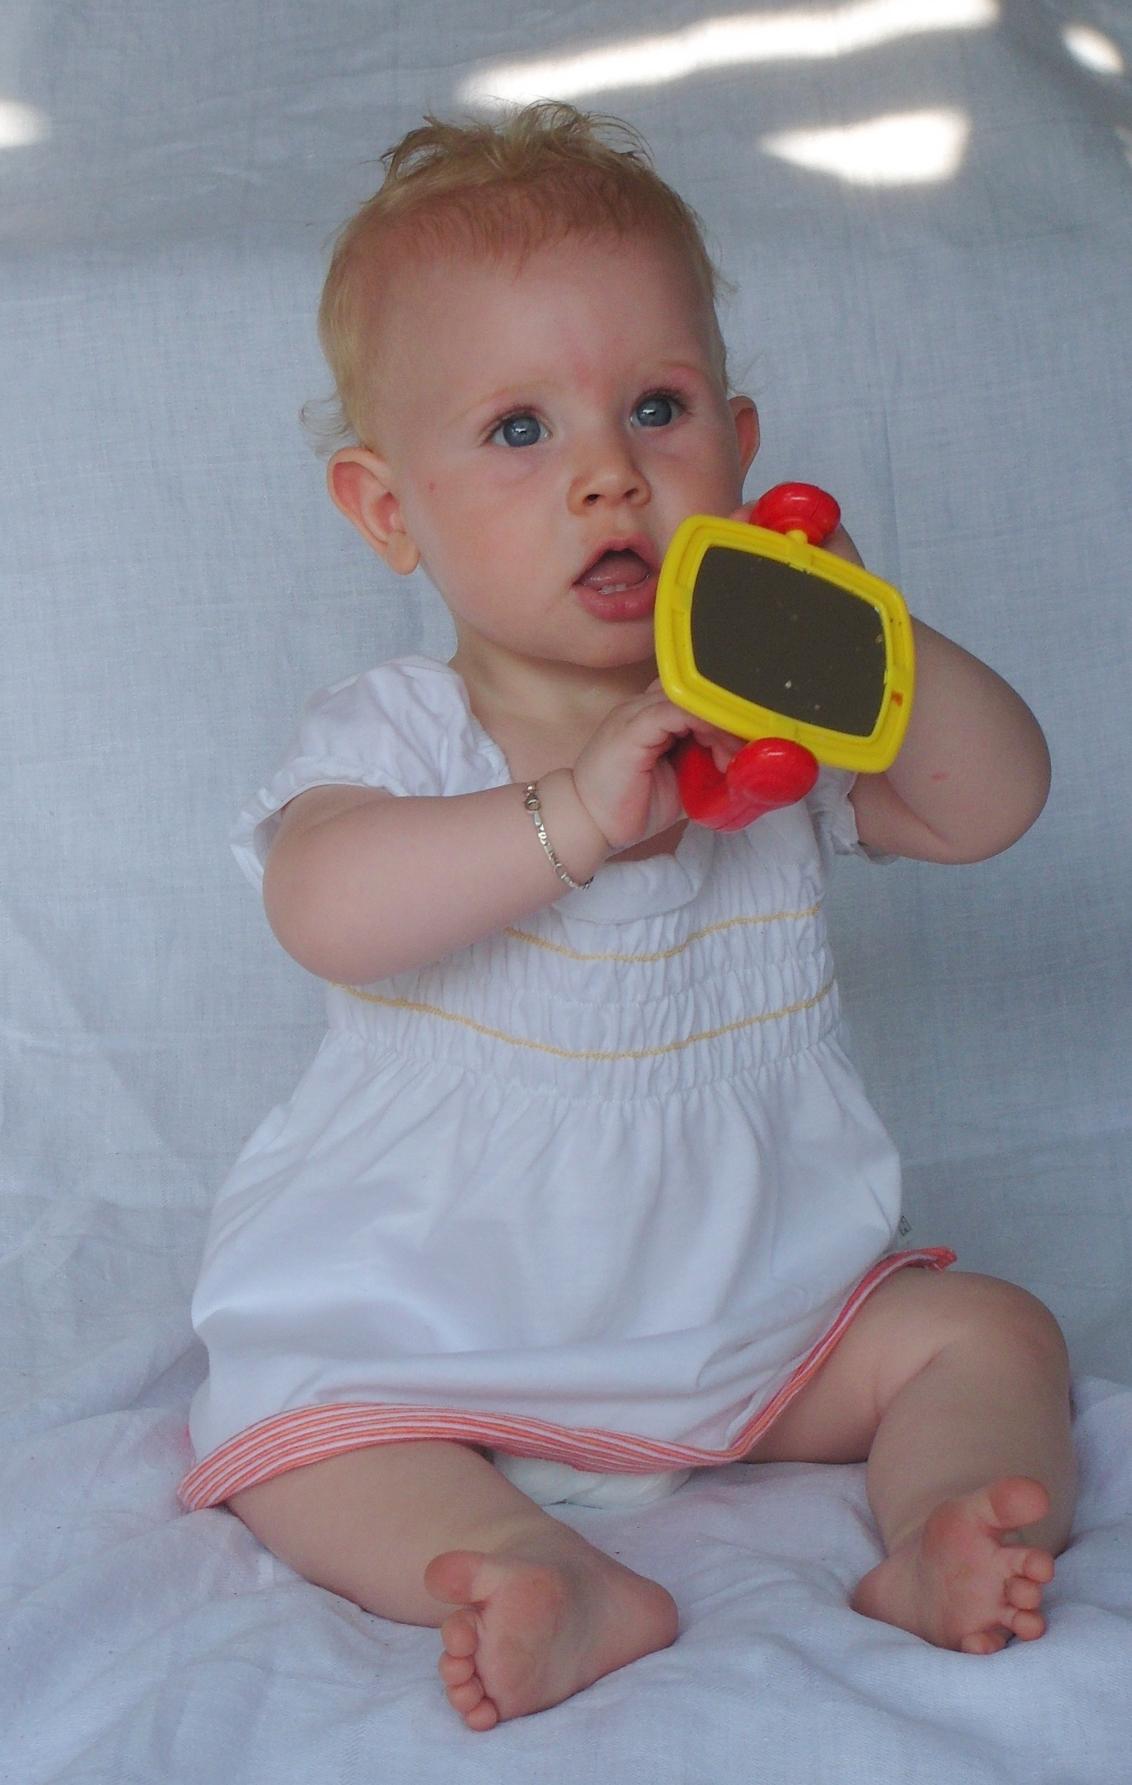 Wit - Foto's maken is ze al helemaal gewend, haha. - foto door mariah1982 op 03-07-2010 - deze foto bevat: baby 9 maanden